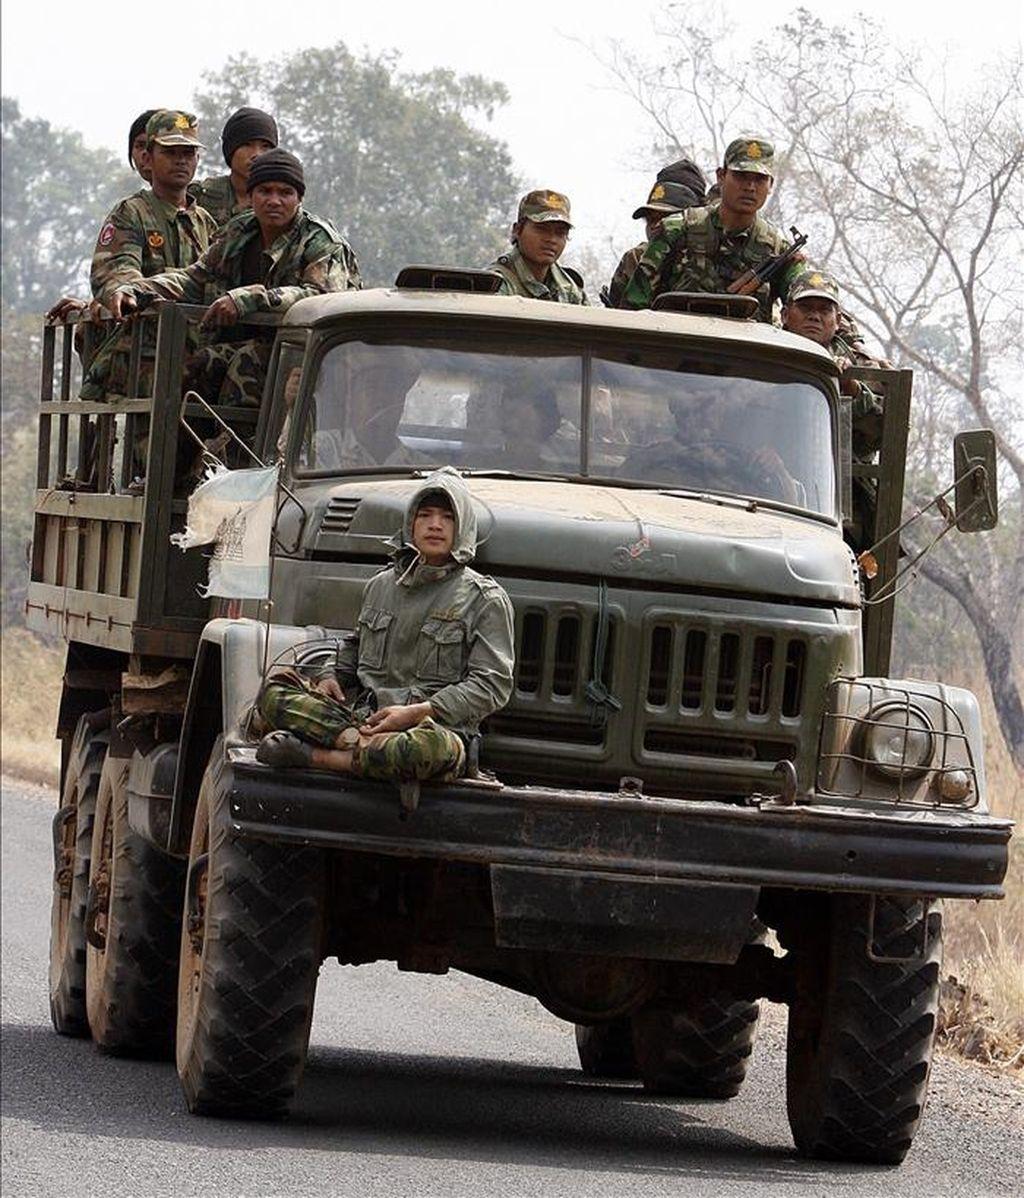 Fotografía de archivo del 8 de febrero de 2011 que muestra a soldados camboyanos en un camión militar mientras viajan cerca al templo de Preah Vhear en la provincia de Preah Vihear (Camboya). Nuevos choques entre tropas camboyanas y tailandesas se han presentado hoy cerca a un templo a cien kilómetros de Preah Vihear, conocido como Ta Krabei en Camboya y como Ta Kwai en Tailandia. EFE